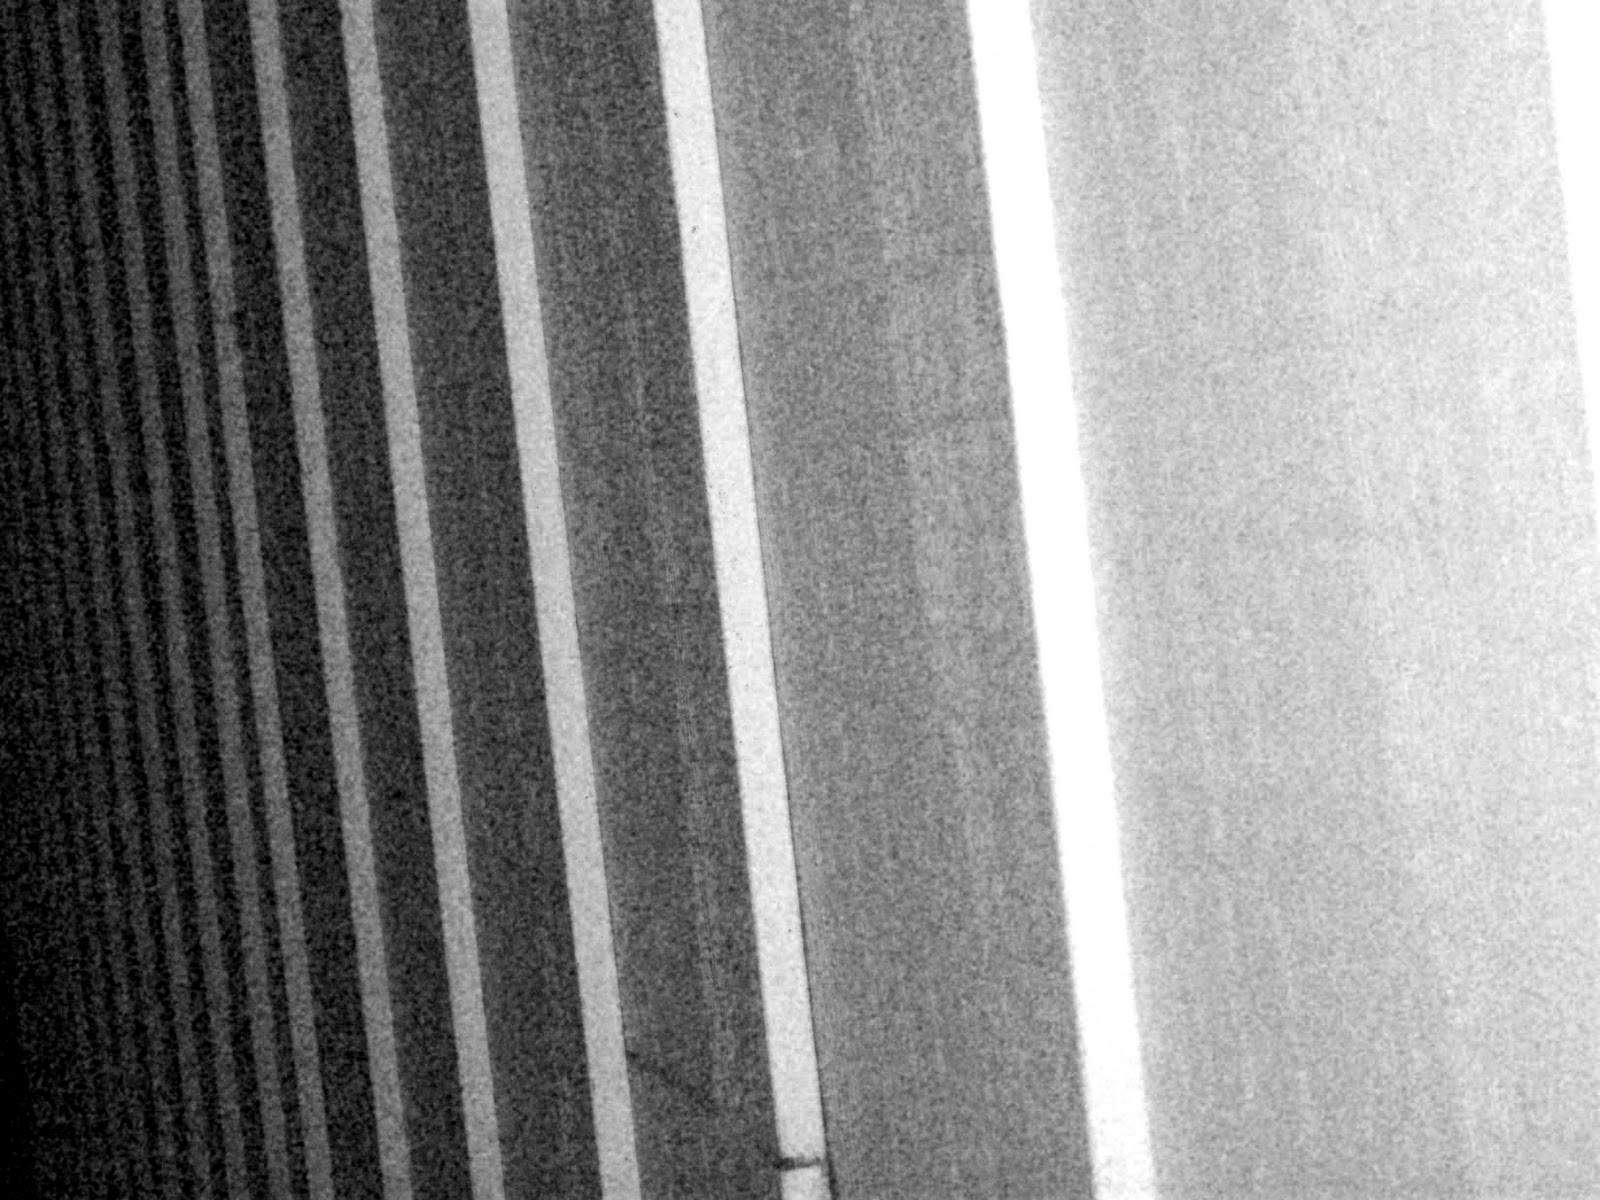 Line Texture Pattern : Photography jillayna buller movement line texture